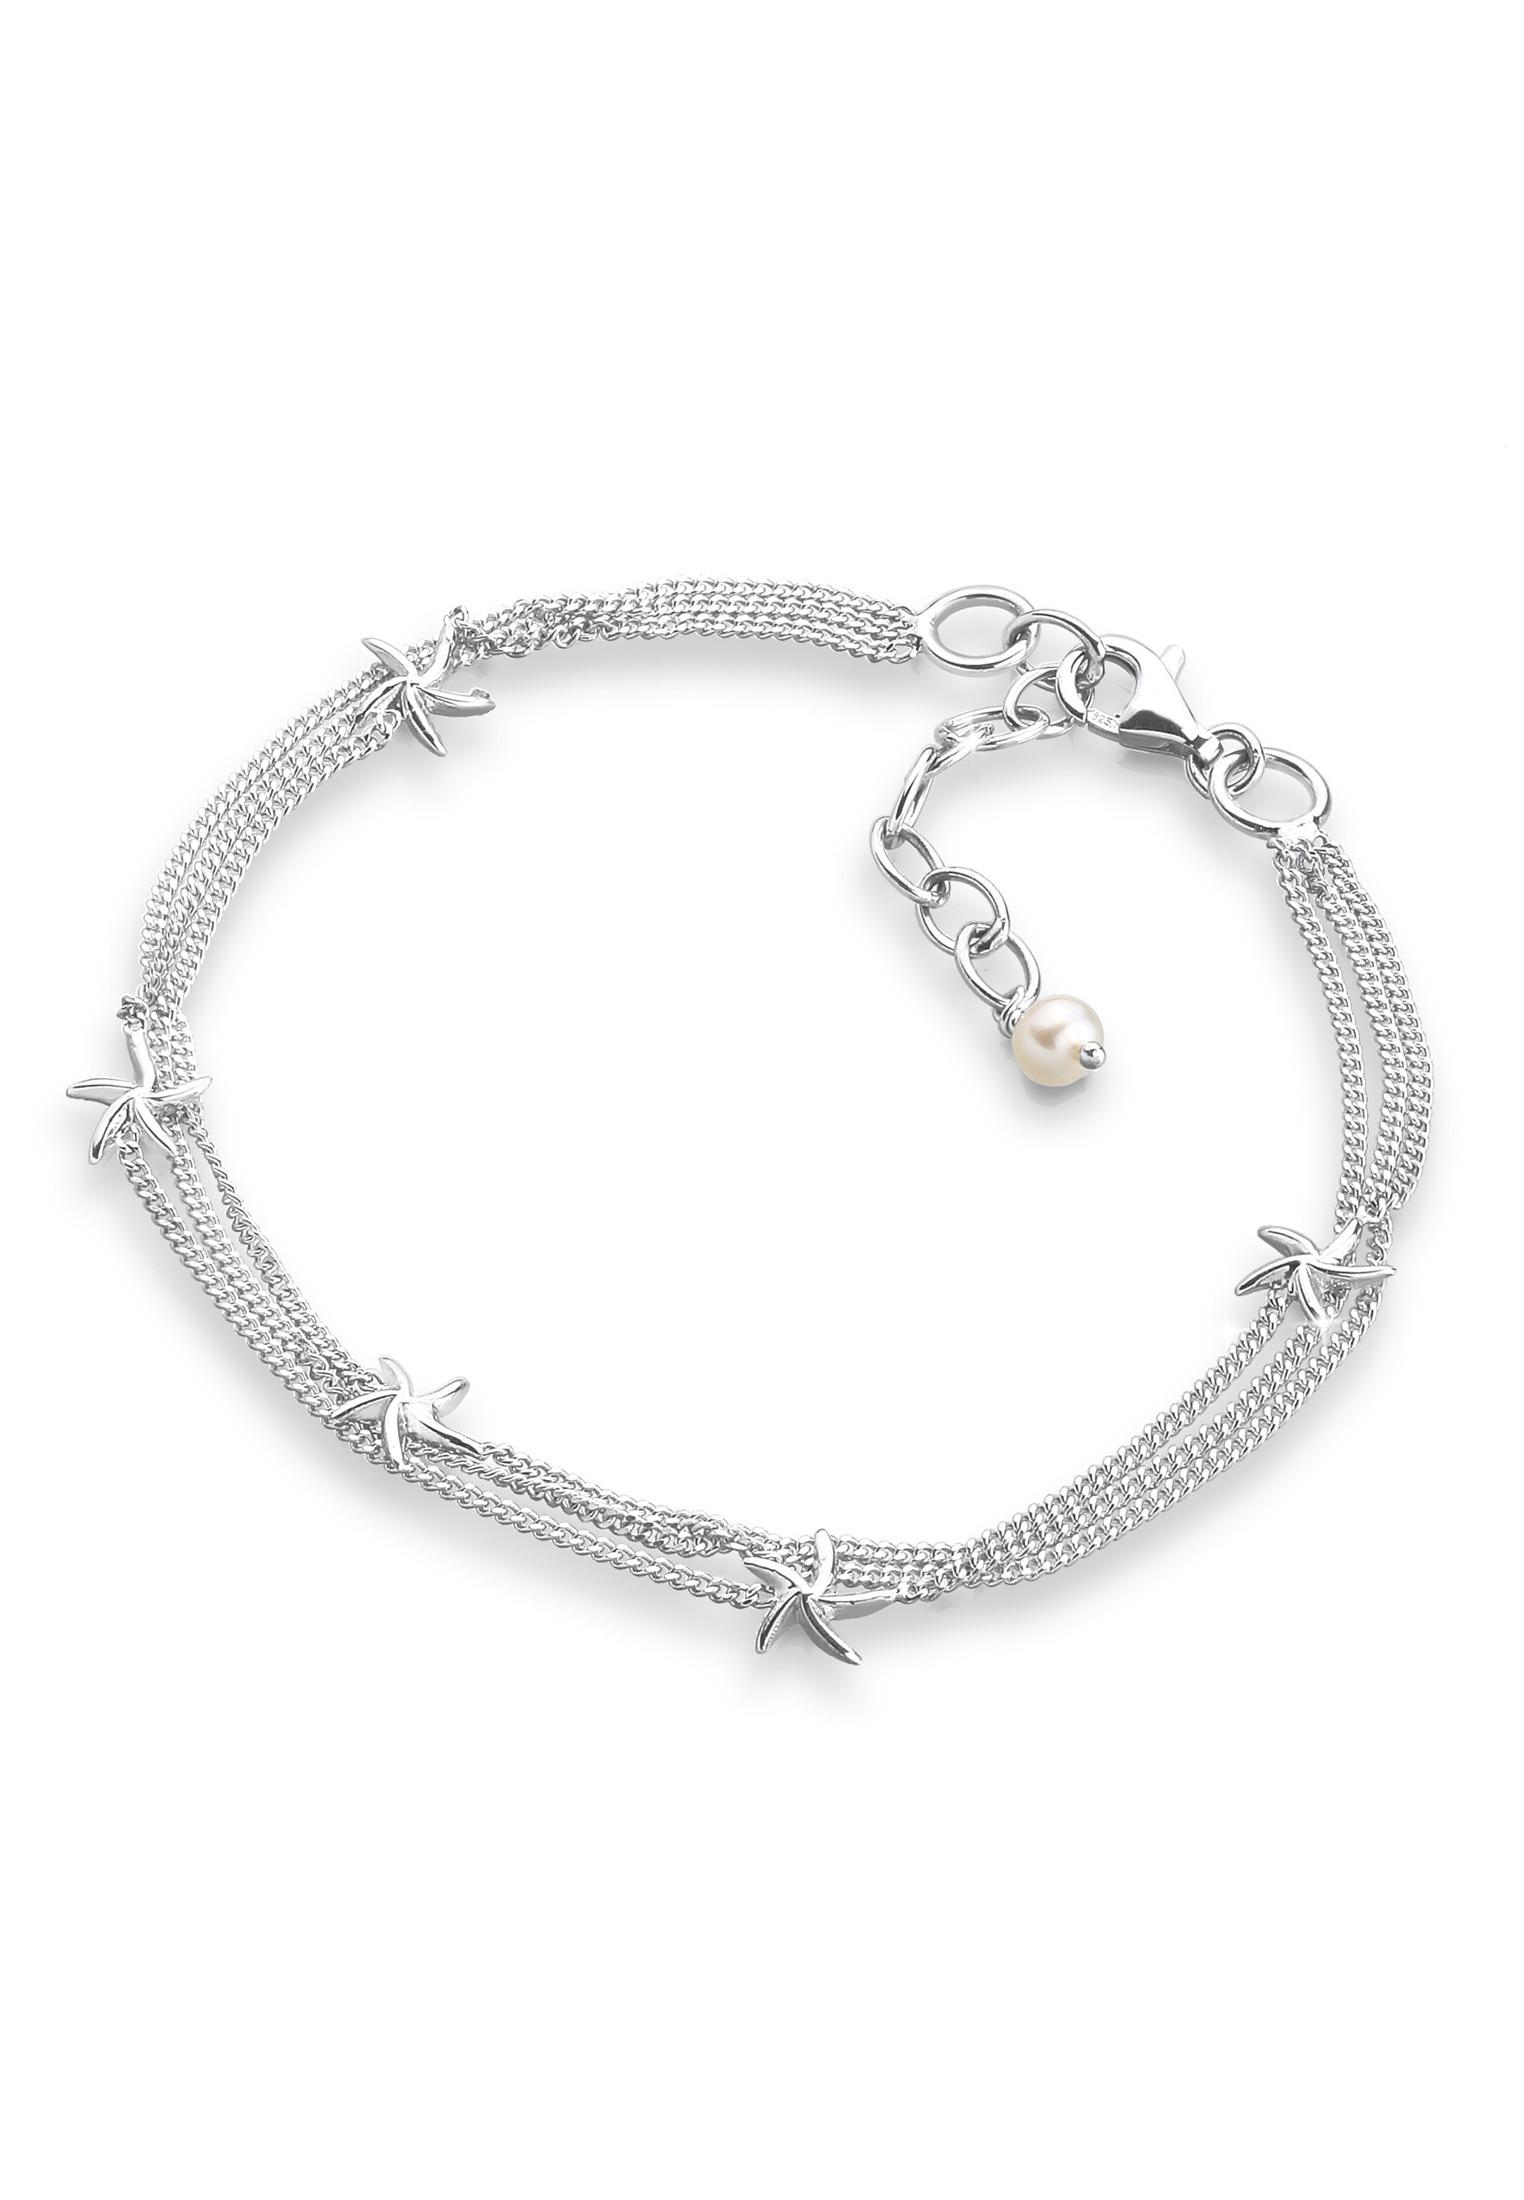 Elli Perlenarmband Seestern 925 Sterling Silber | Schmuck > Armbänder > Perlenarmbänder | Elli